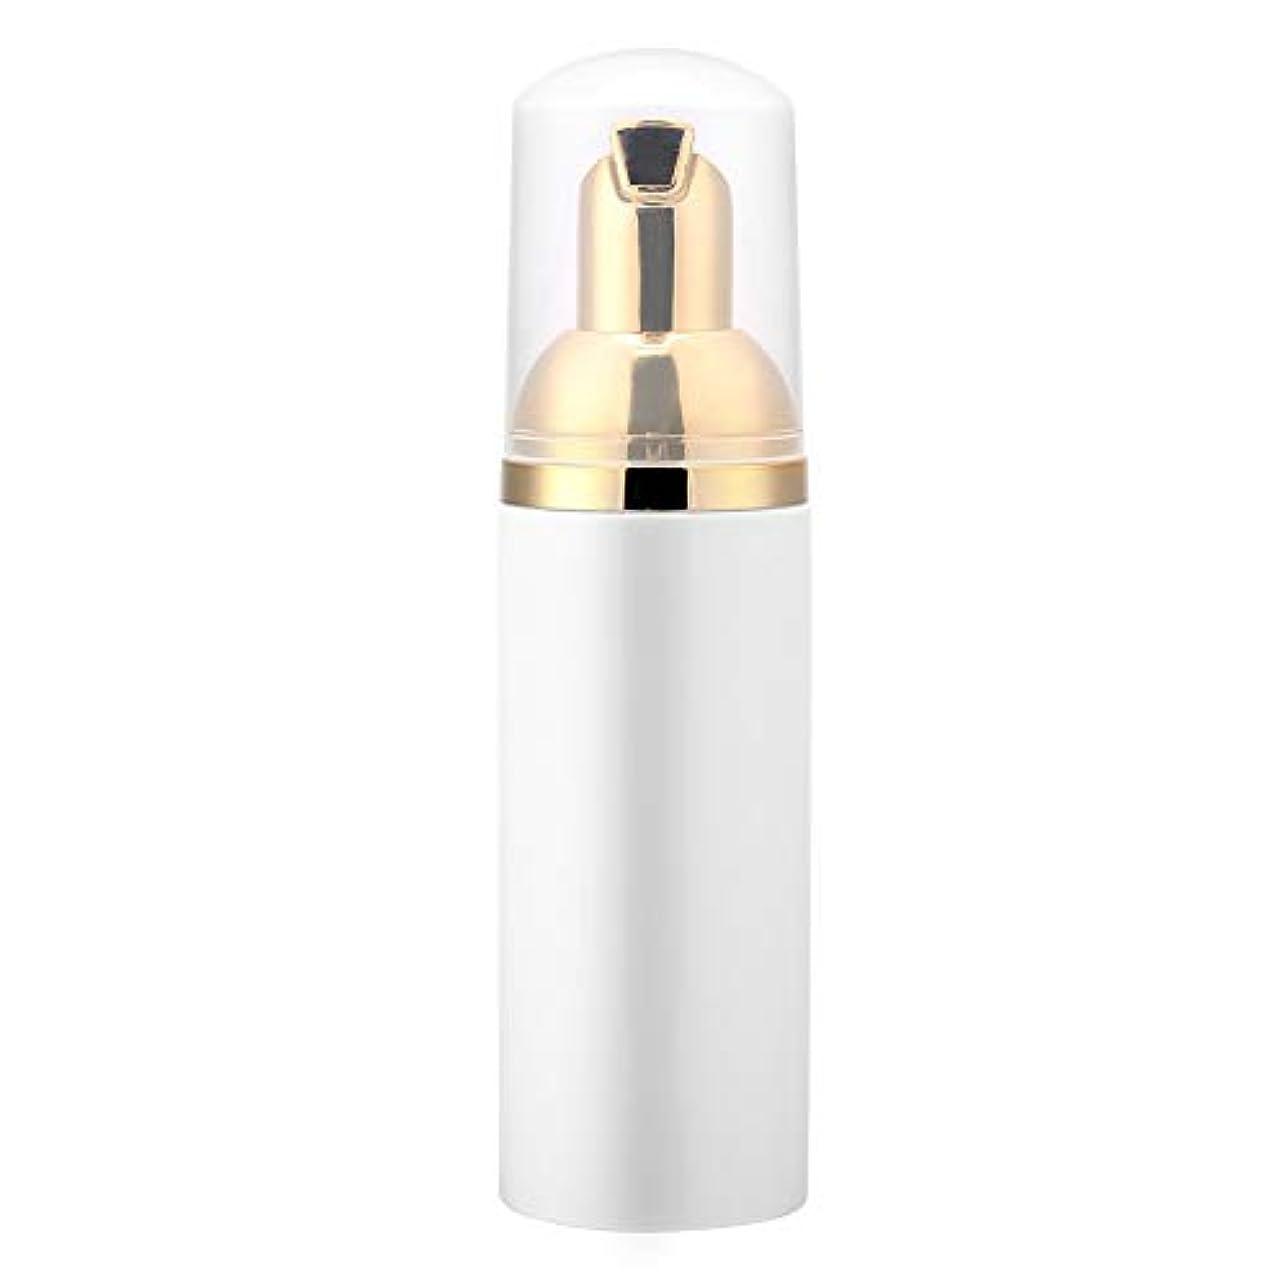 ボルト道五フォームクレンザーのまつげ、シャンプーのまつげエクステンション、まつげシャンプーの洗剤プロのまつげエクステンションは、日常使用のための保護を拡張するためのまつげツールを洗います(不透明な瓶)